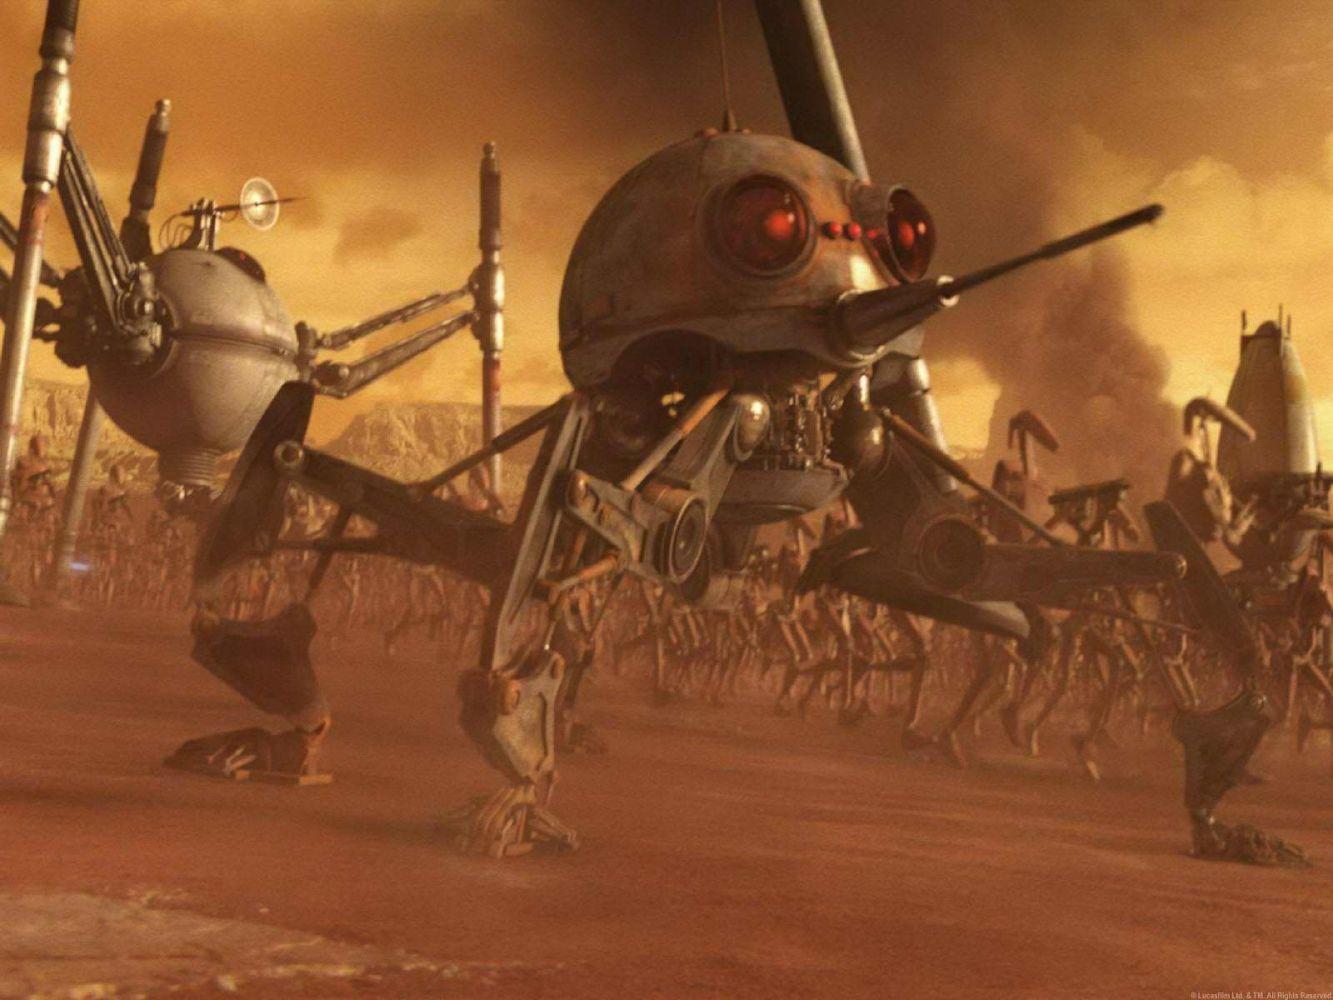 последнее картинки армии дроидов что-то невероятно